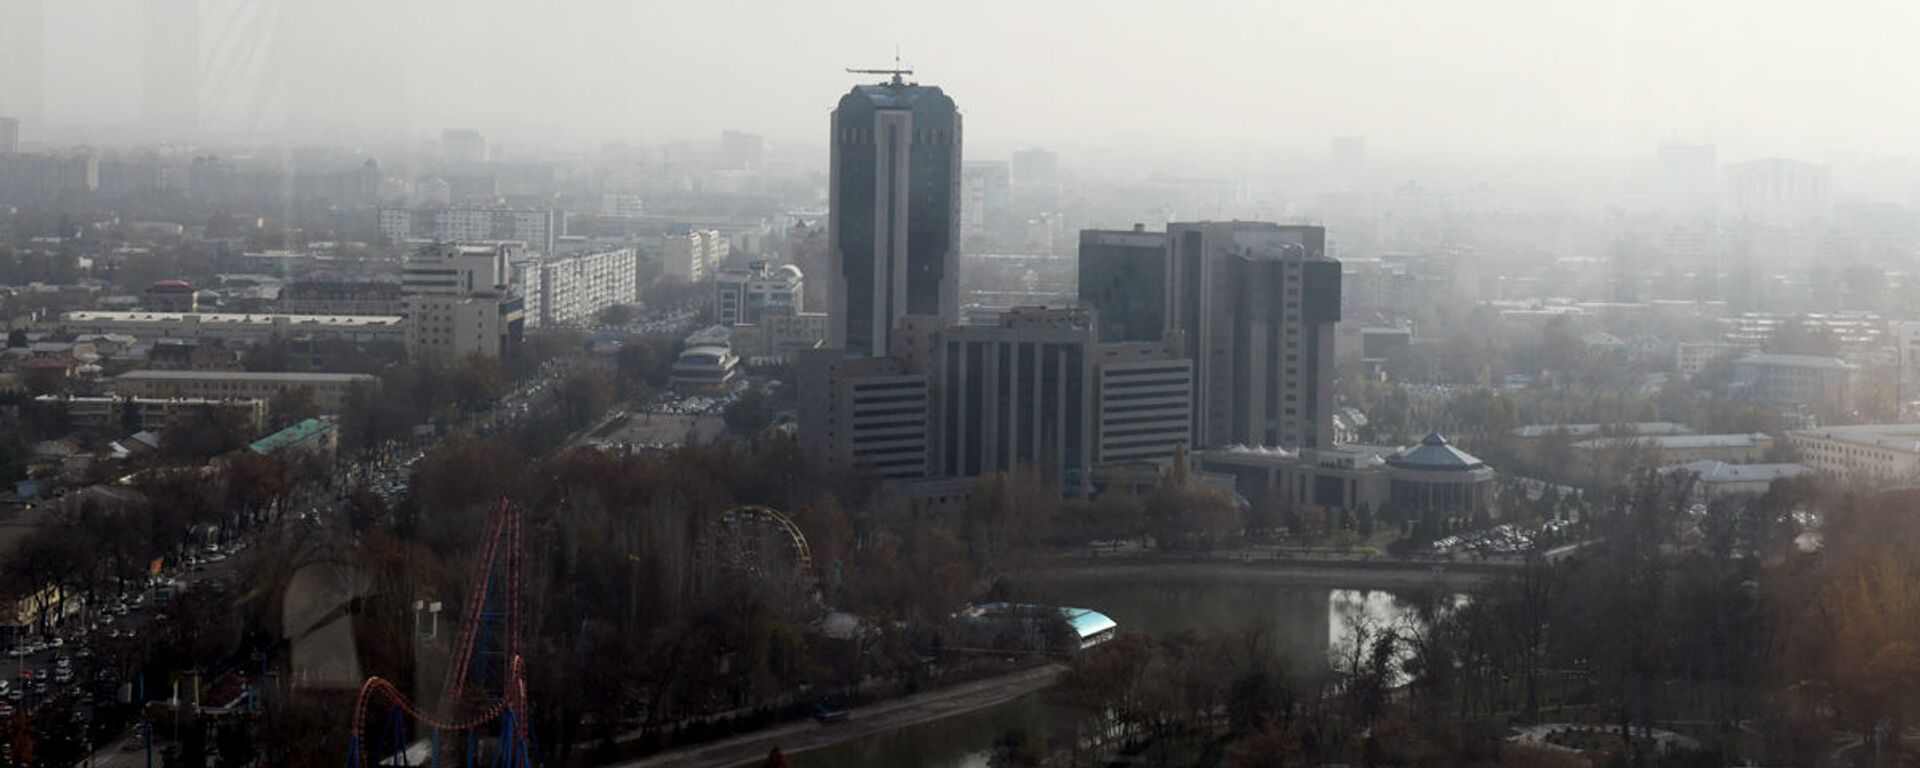 Внутри телевизионной башни в Ташкенте - Sputnik Узбекистан, 1920, 23.05.2021